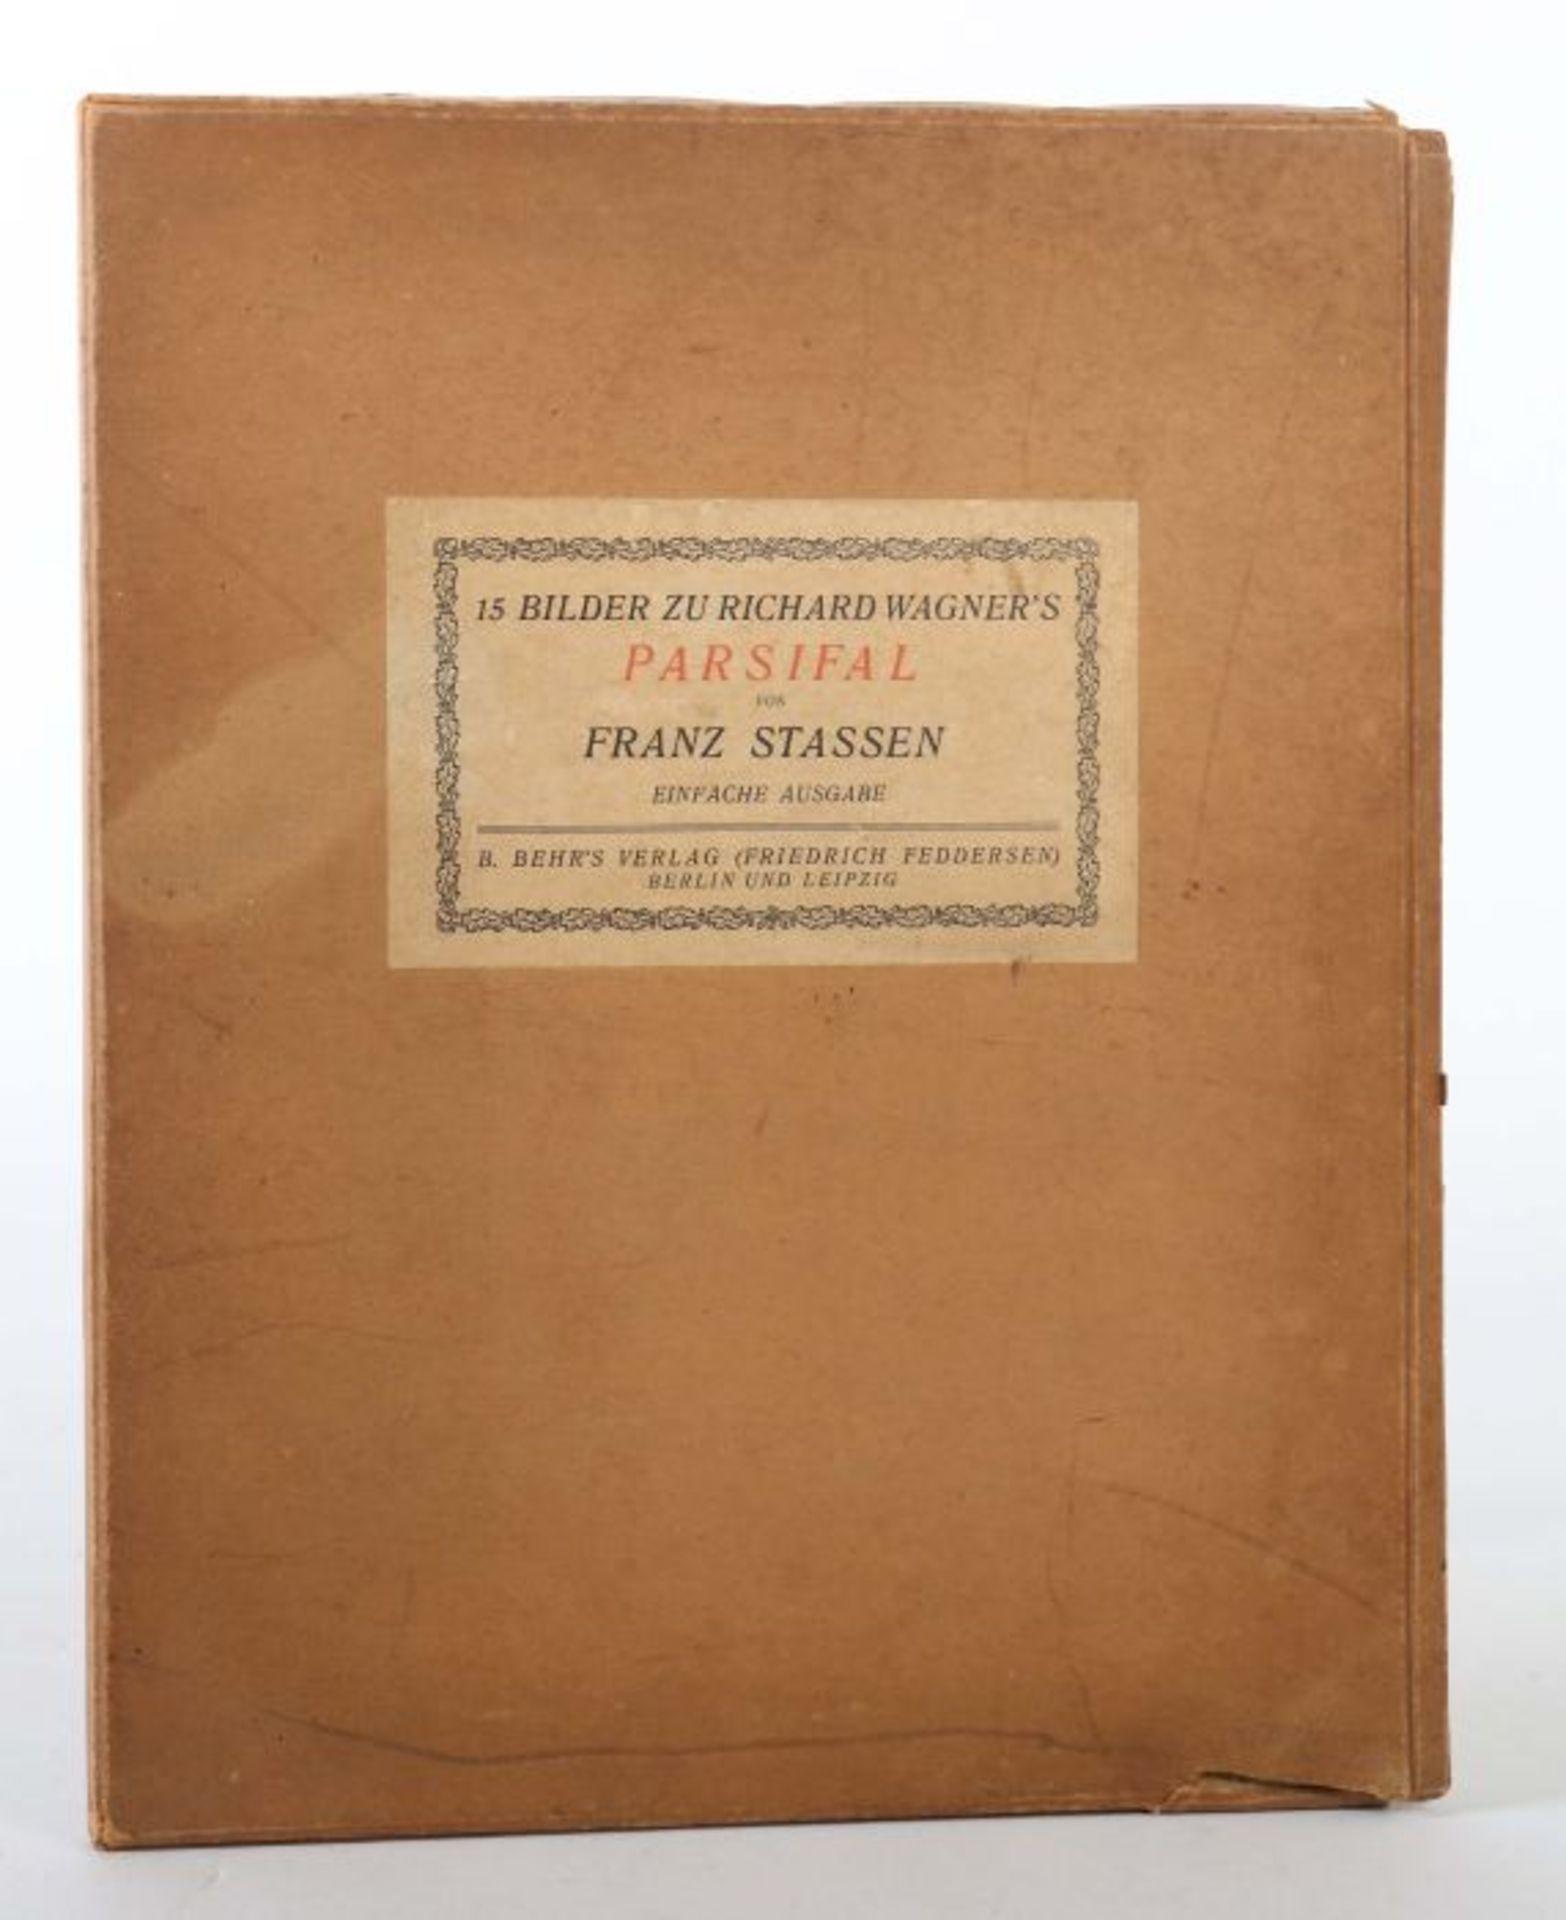 Stassen, Franz (Illustr.) Richard Wagner - Parsifal - 15 Bilder zu Richard Wagners Bühnenweihfest, - Bild 6 aus 6